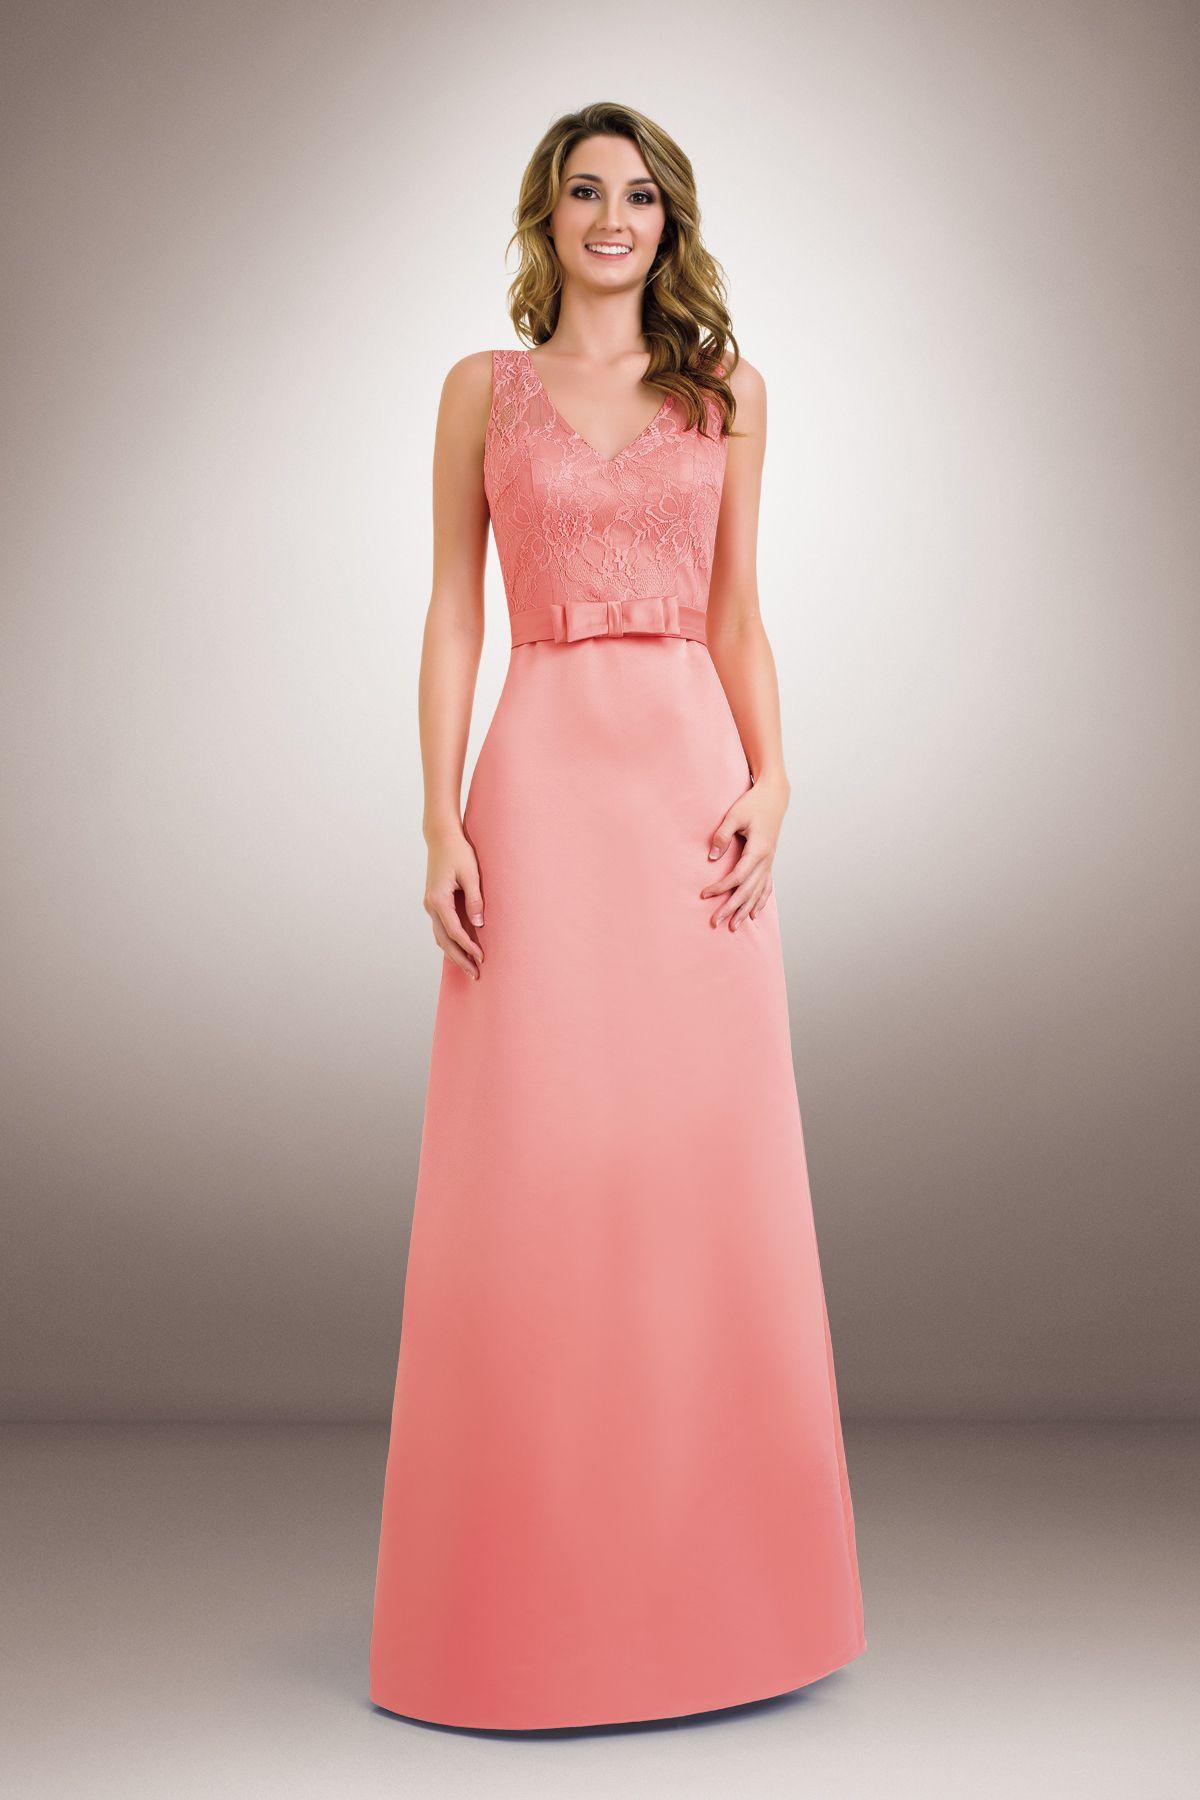 Pink Satin Bridesmaid Dress